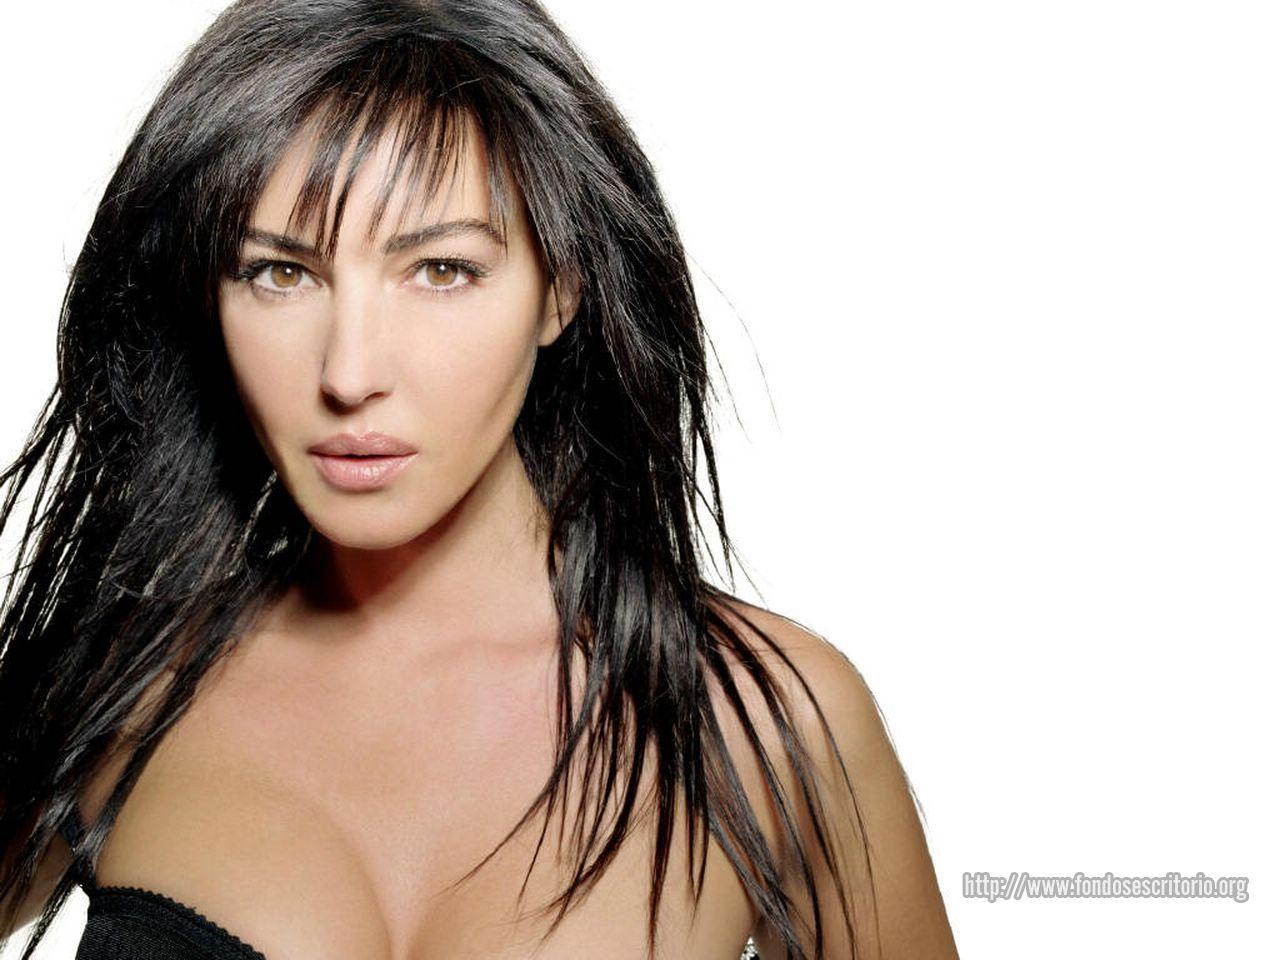 Monica Bellucci 157 [1280x768]-633774.jpg